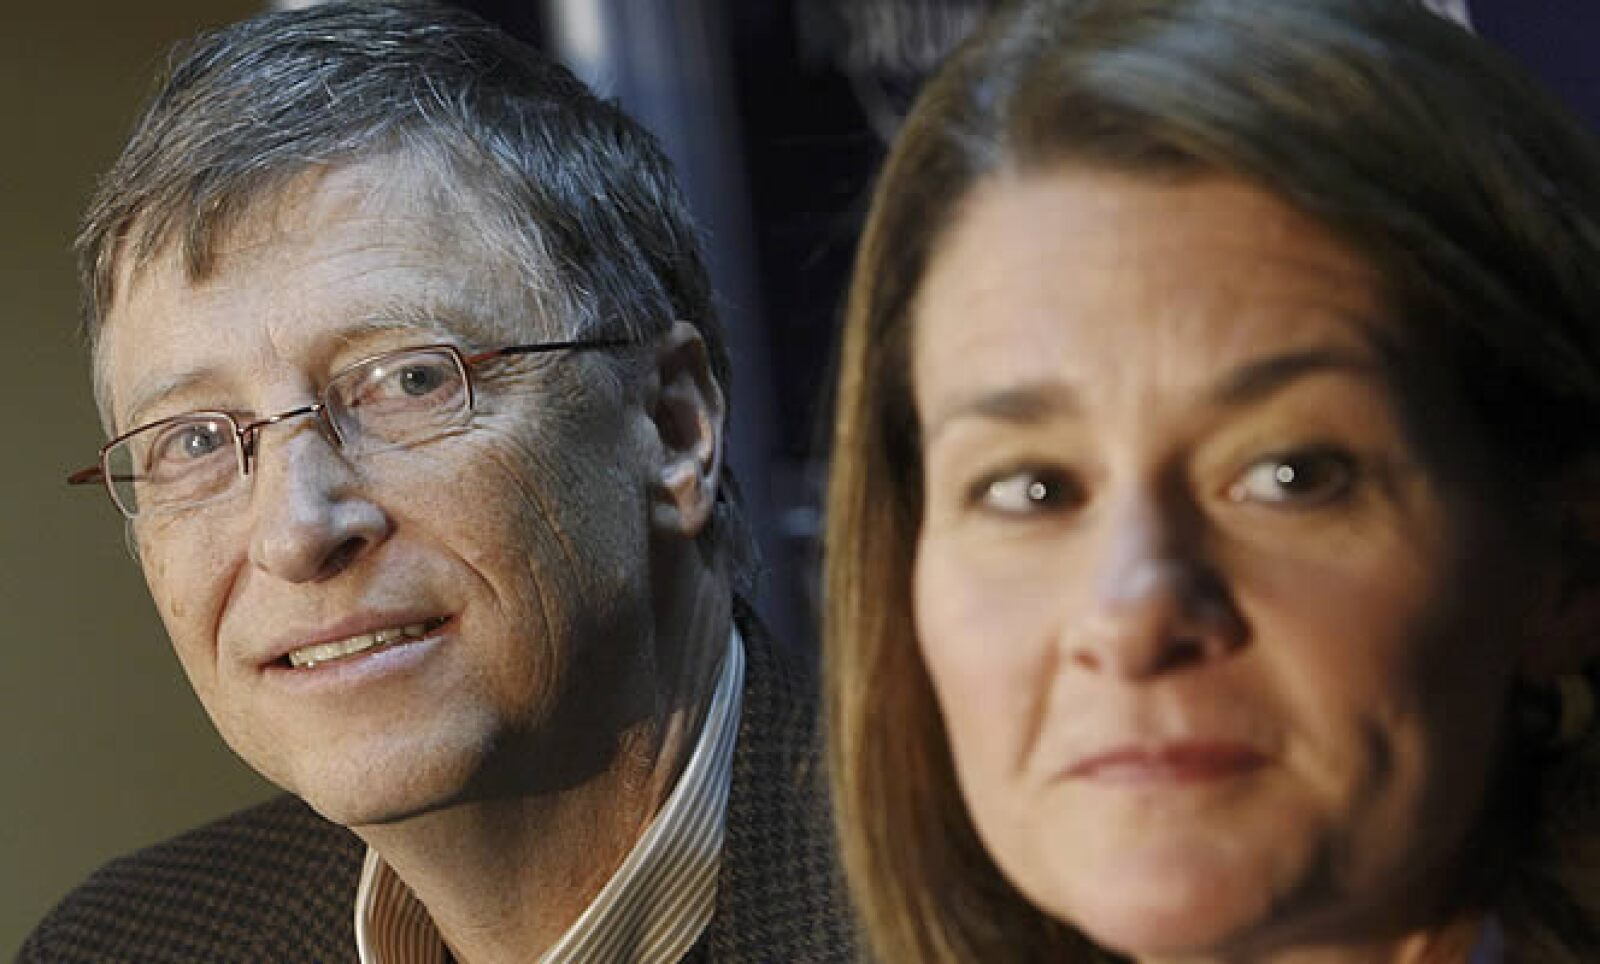 Bill Gates, fundador de la firma de software Microsoft, estuvo presente en Davos, Suiza junto con su esposa Melinda Gates. Ambos prometieron la donación de 10,000 millones de dólares para el desarrollo de vacunas.